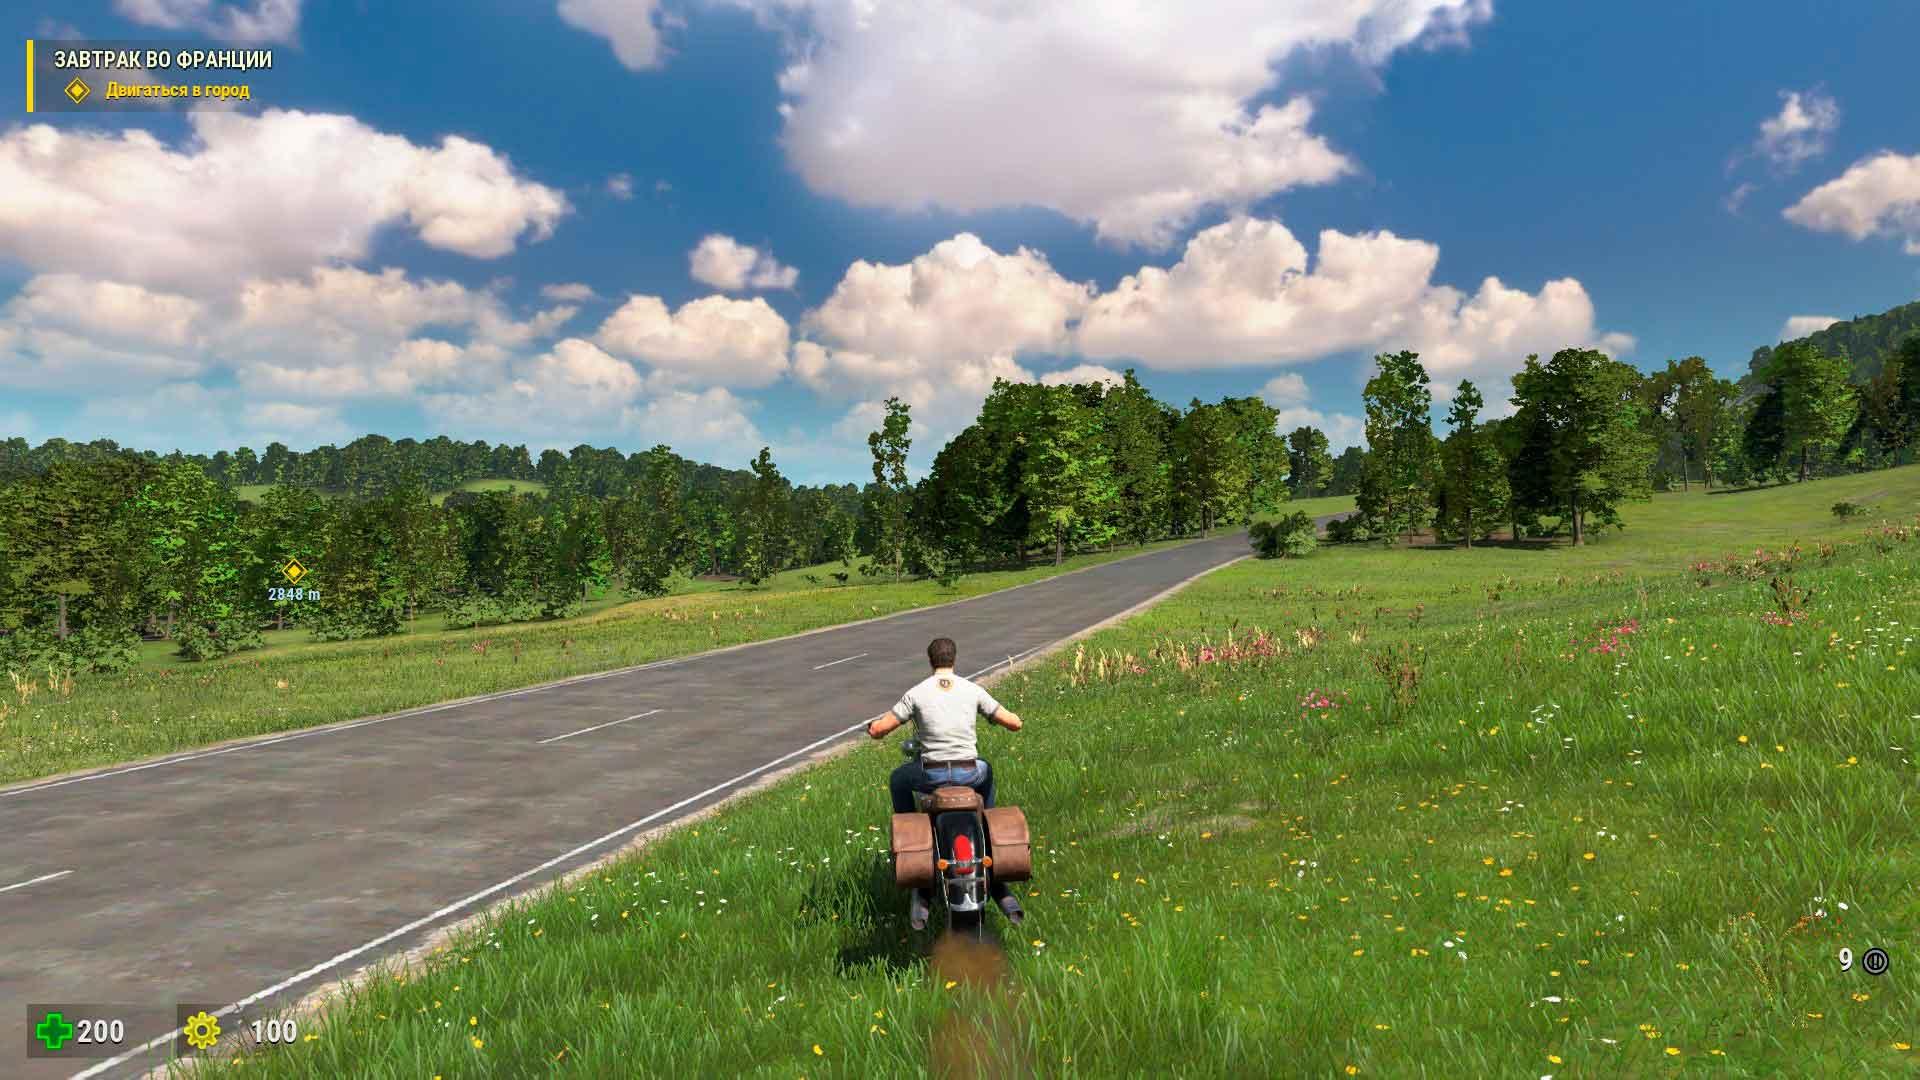 FAQ по ошибкам Serious Sam 4: не запускается, черный экран, тормоза, вылеты, error, DLL